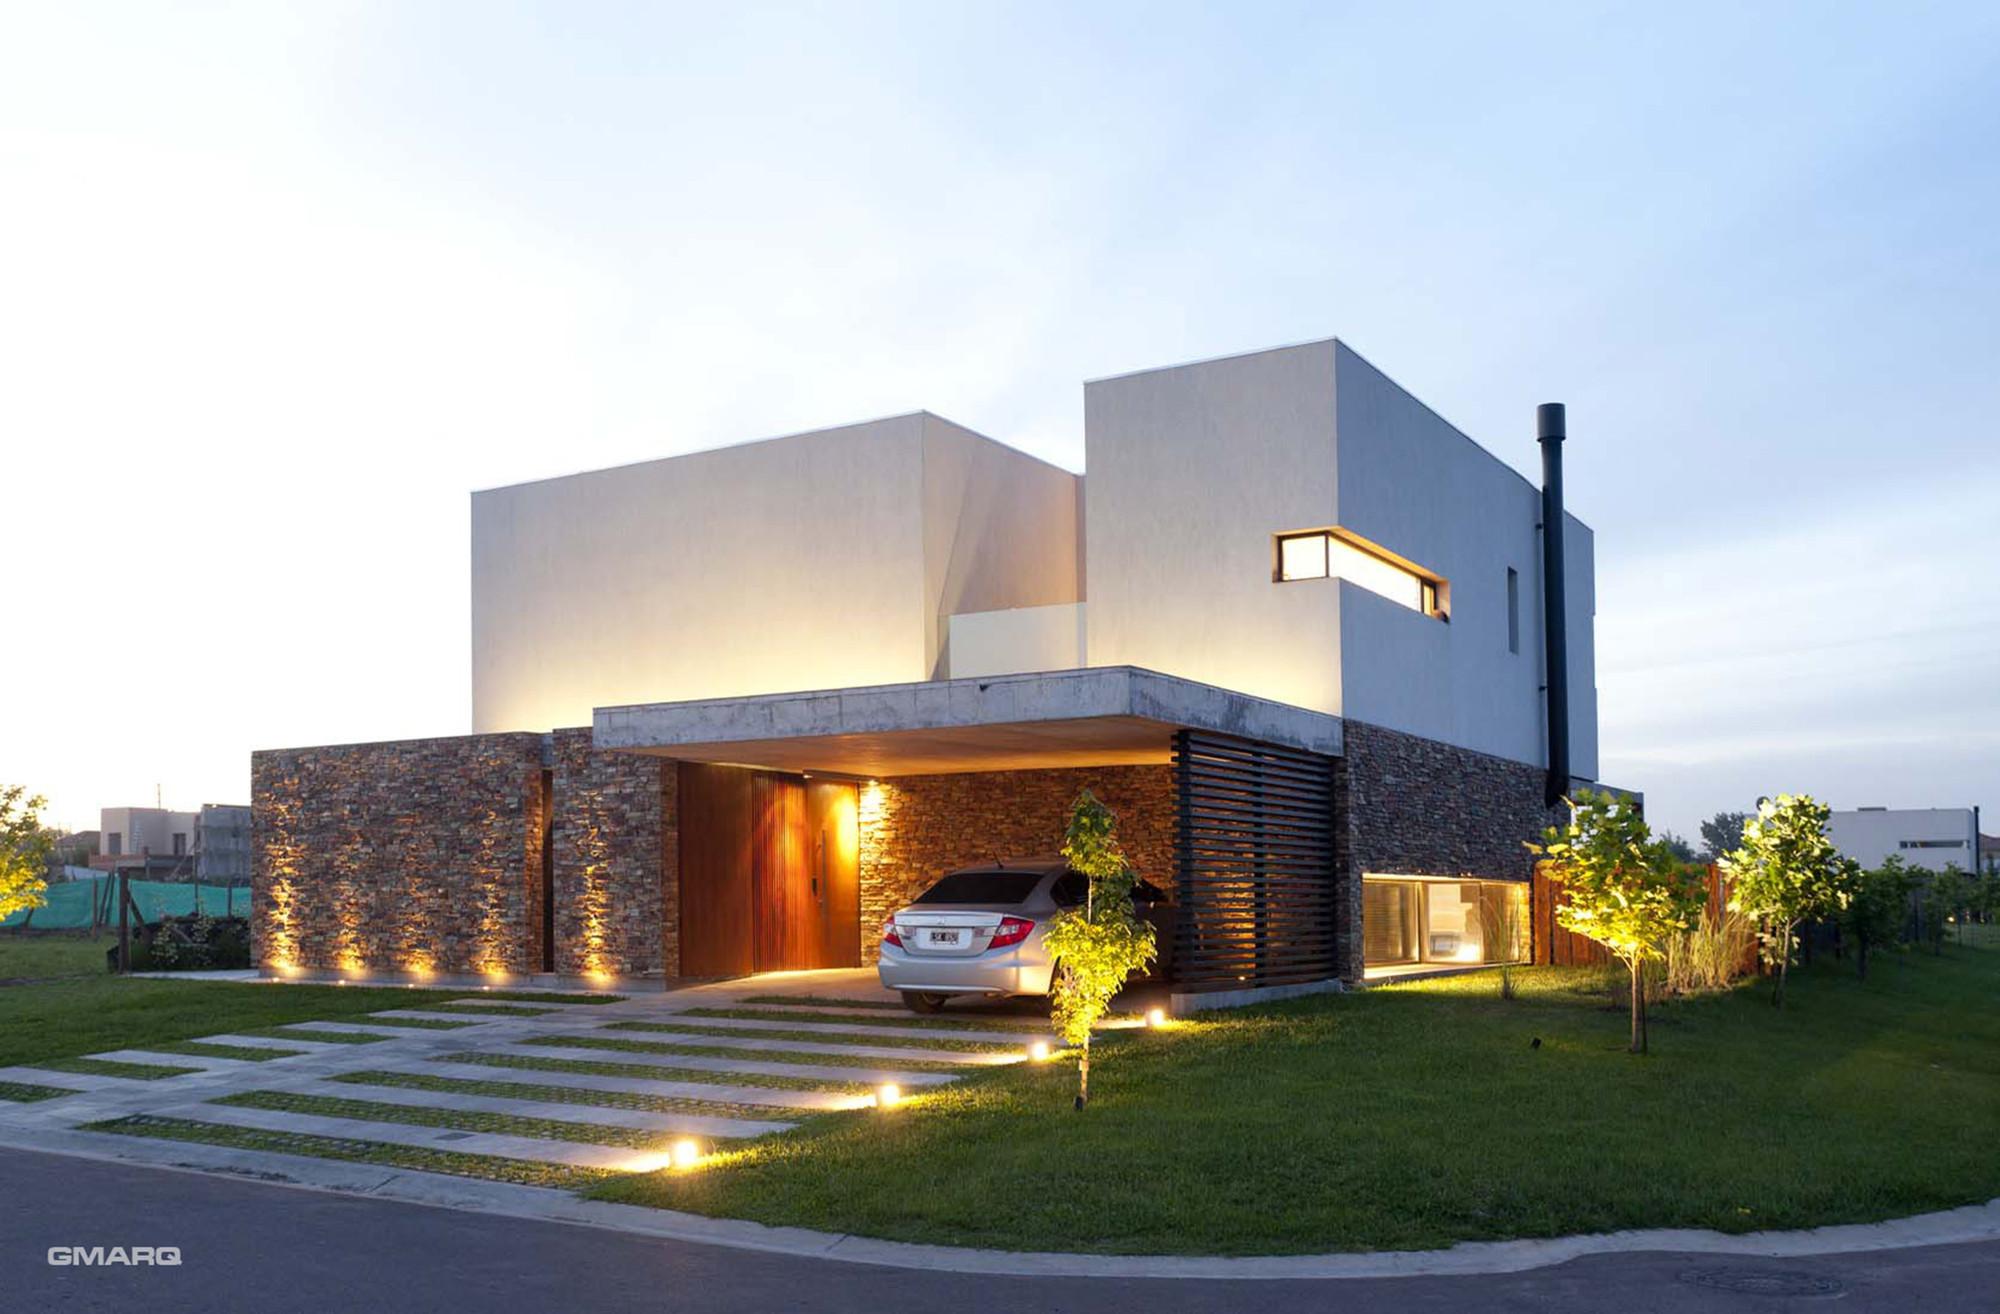 Gallery of a house estudio gmarq 2 for Fachadas de casas modernas iluminadas